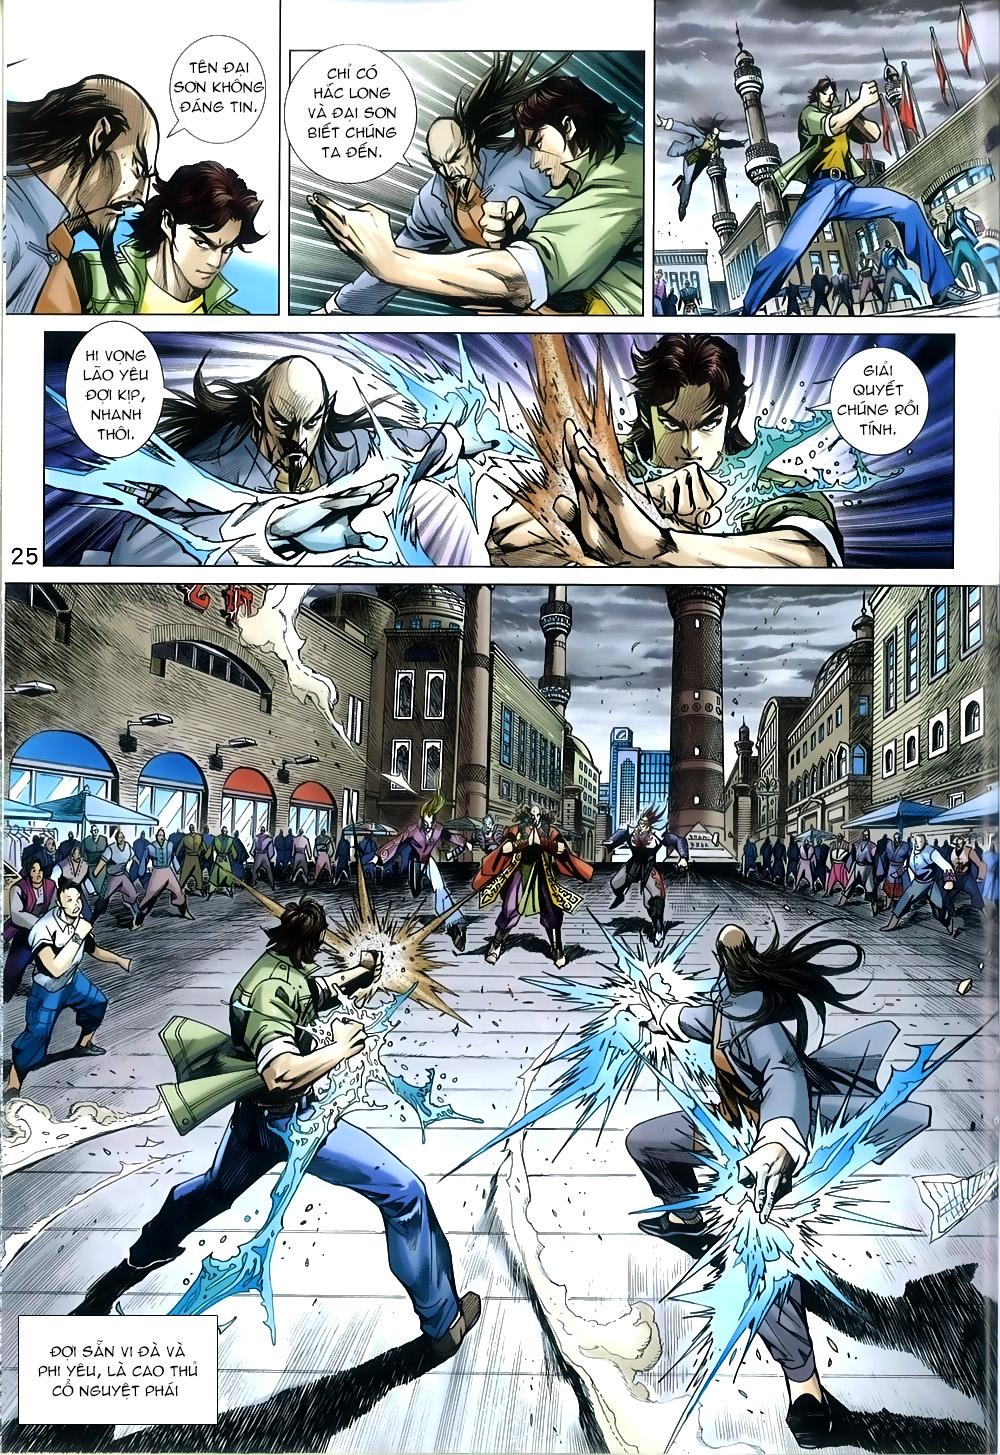 Tân Tác Long Hổ Môn chap 816 Trang 25 - Mangak.info